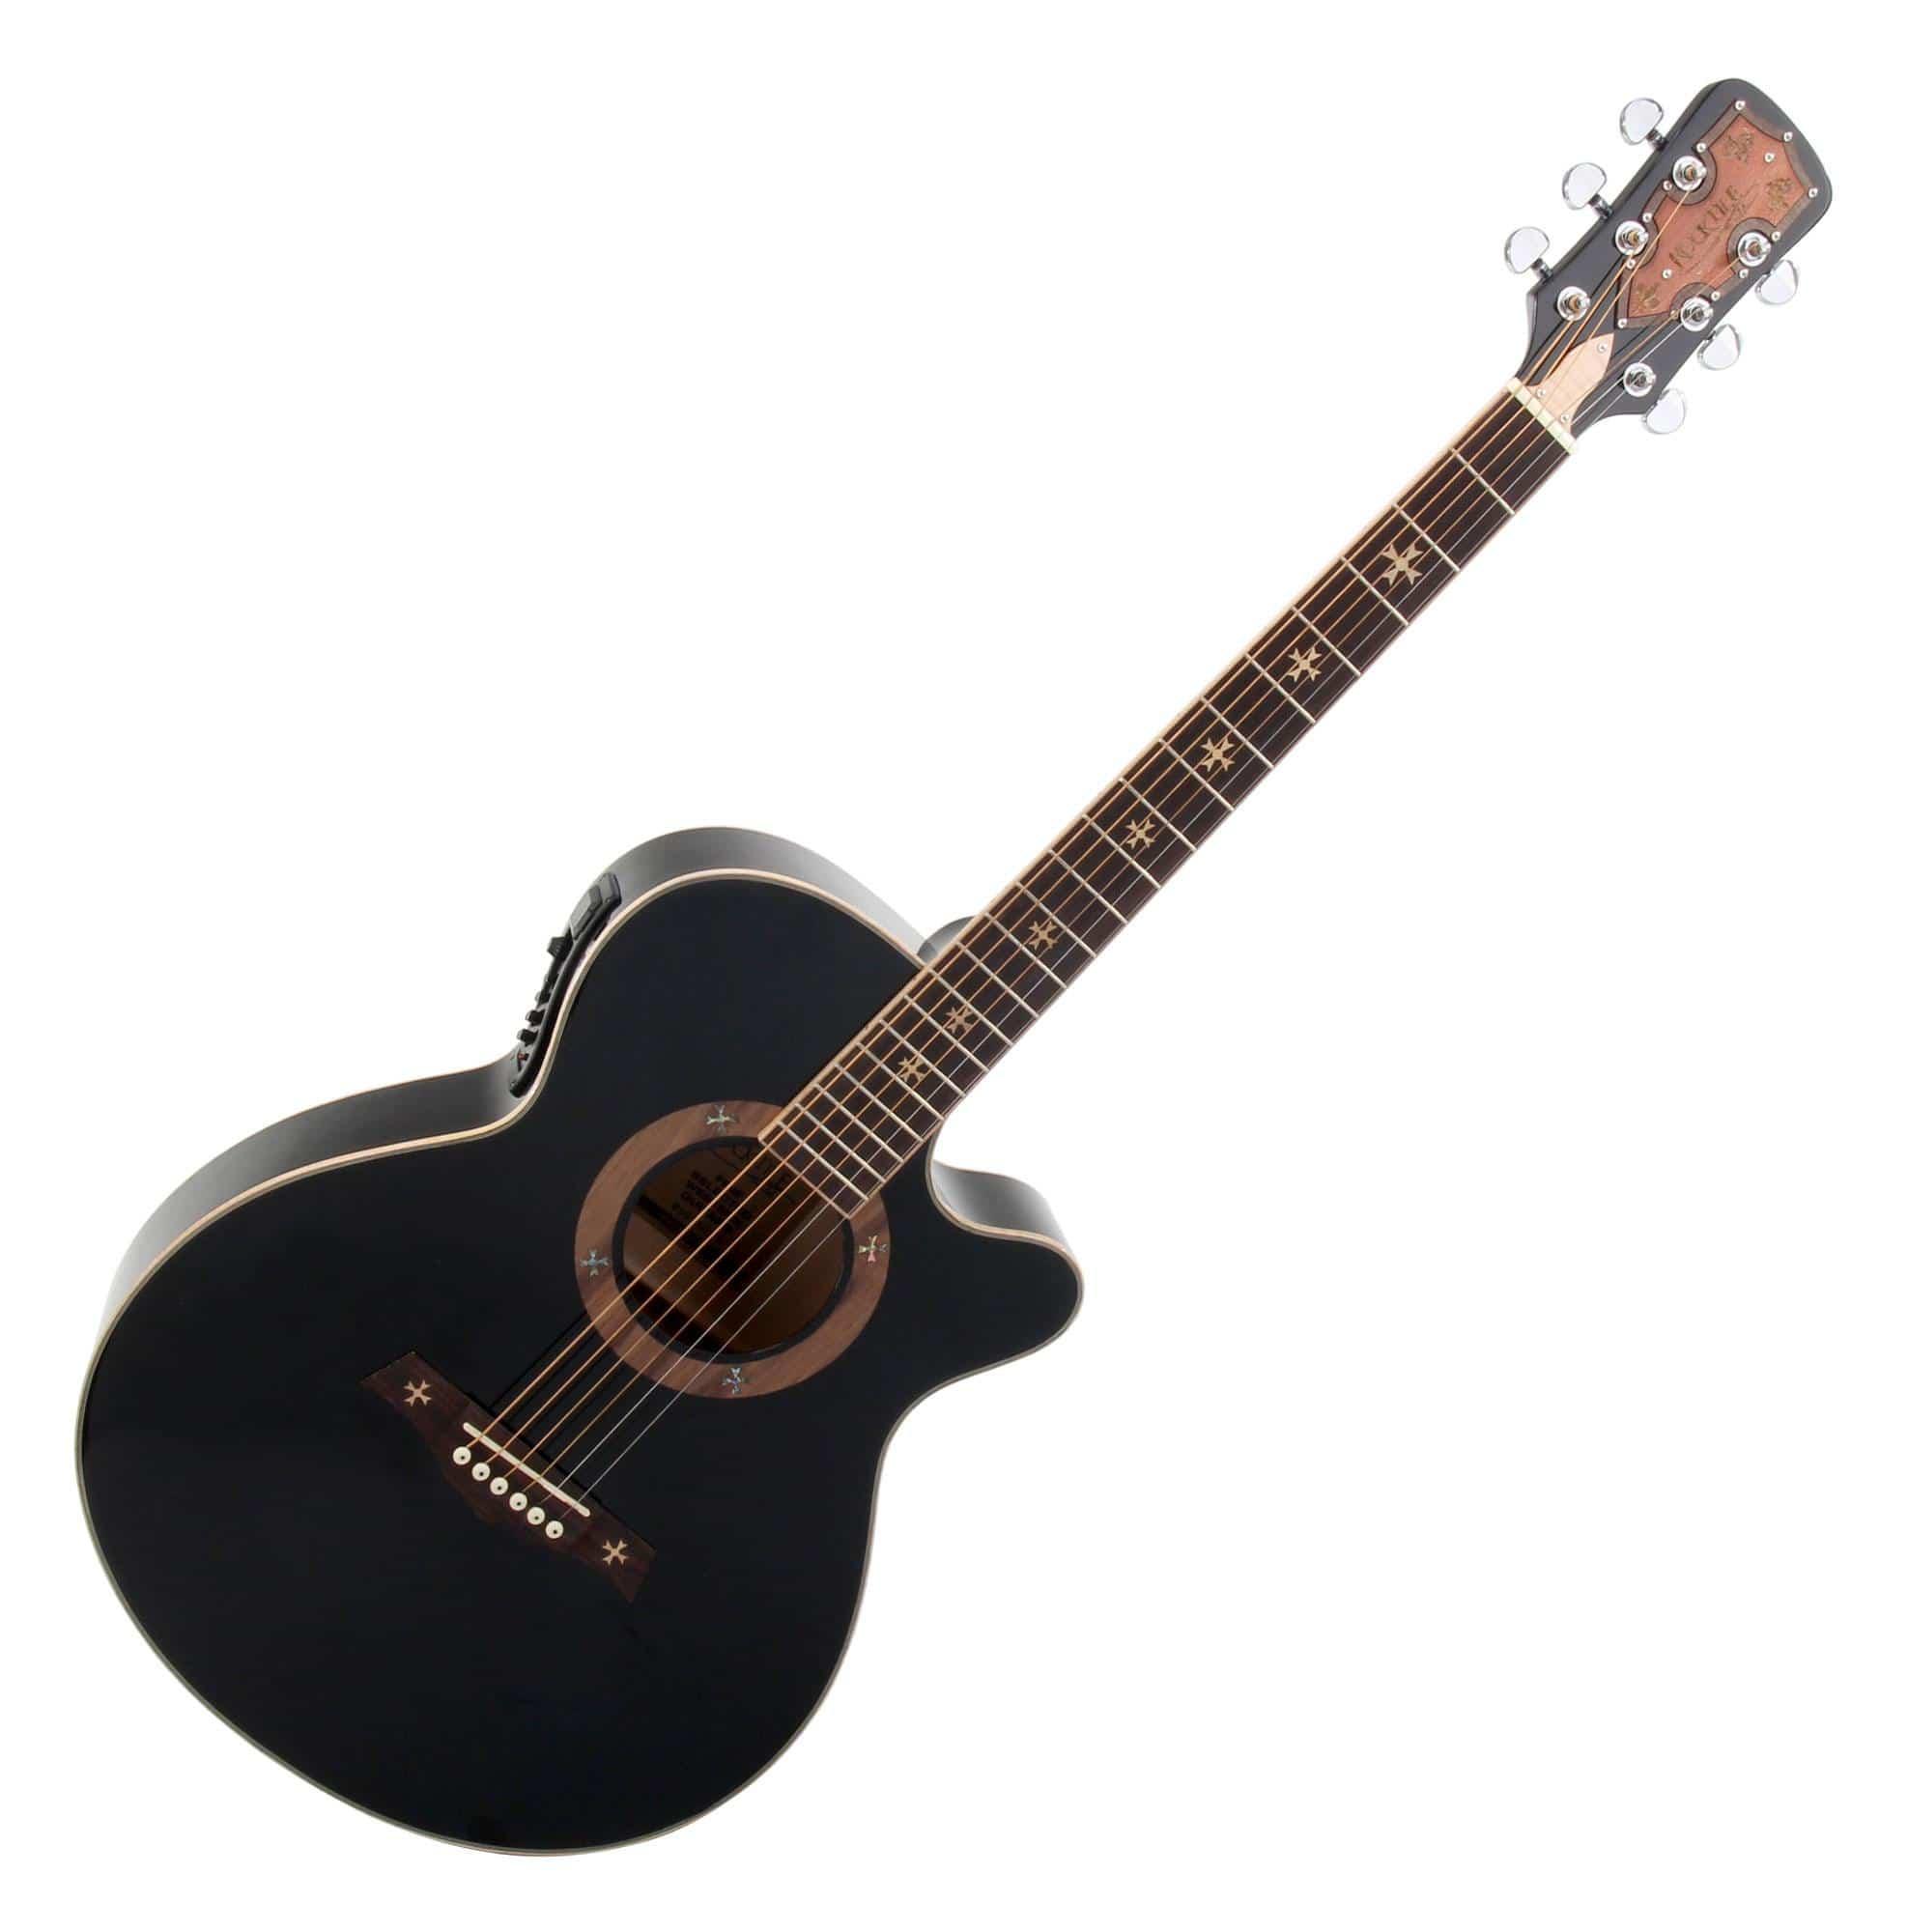 rocktile empire acoustic steel string guitar with pickup black. Black Bedroom Furniture Sets. Home Design Ideas